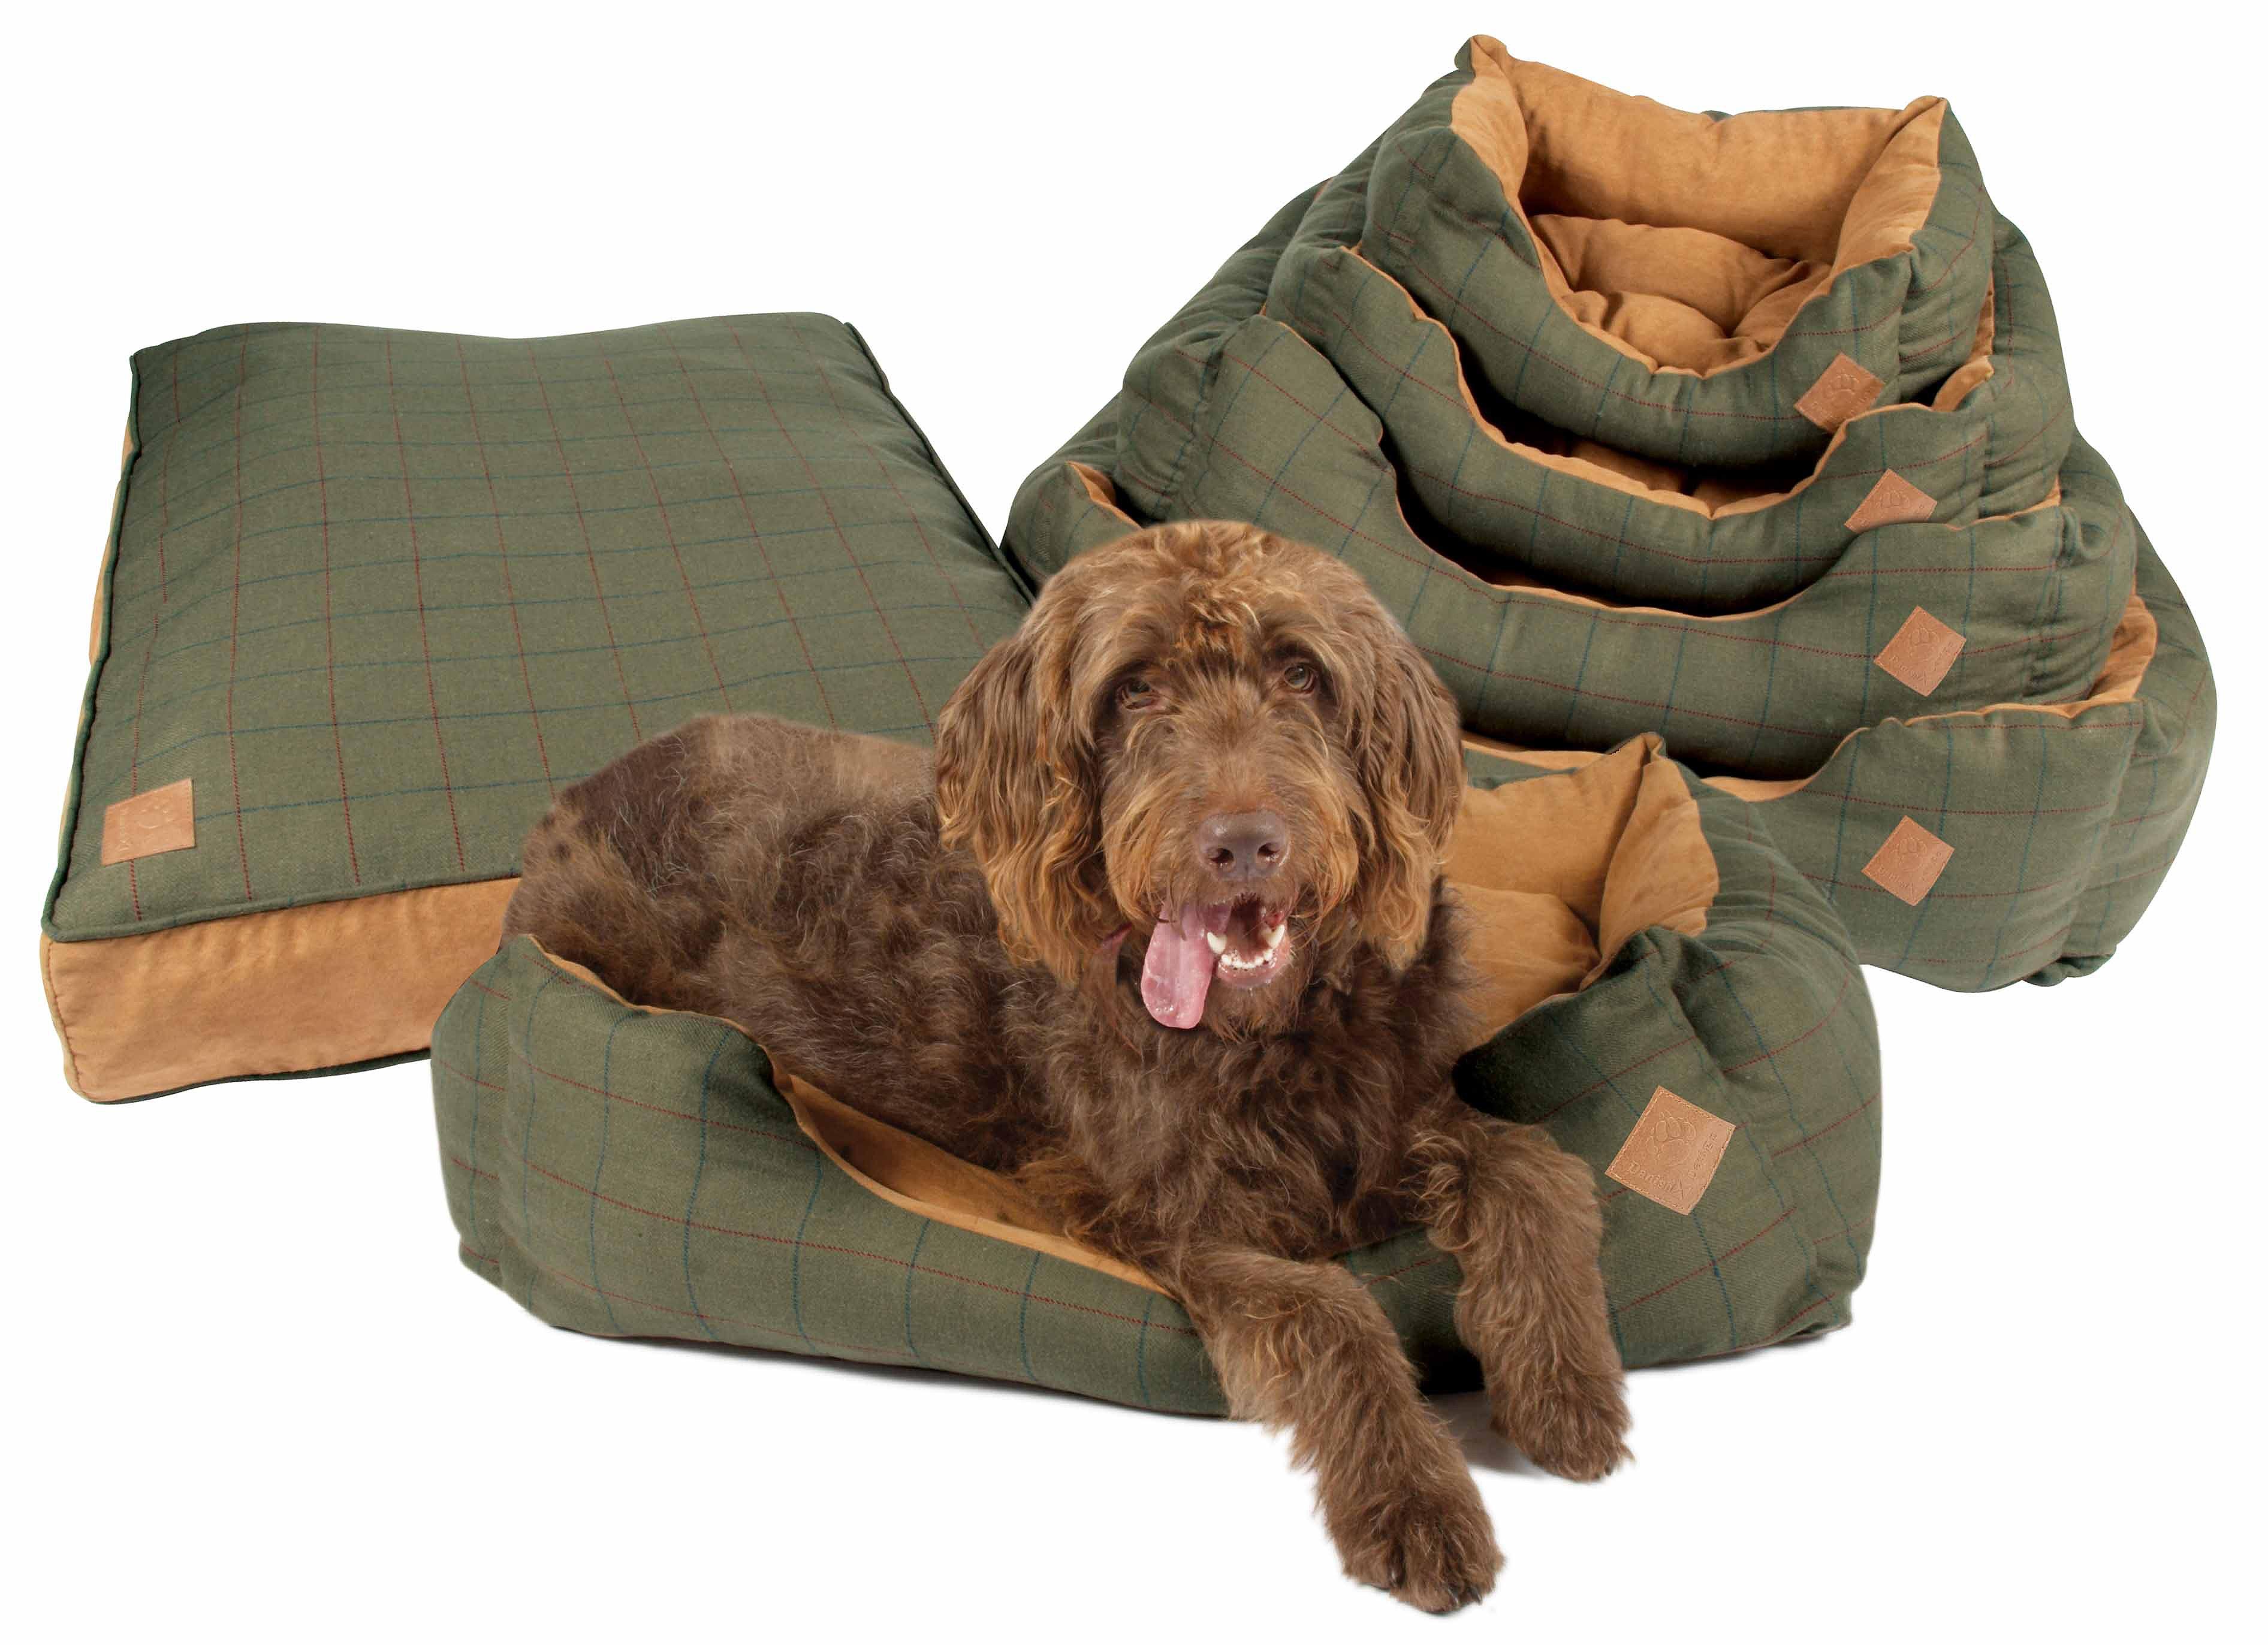 wood work danish designs dog bed pdf plans. Black Bedroom Furniture Sets. Home Design Ideas